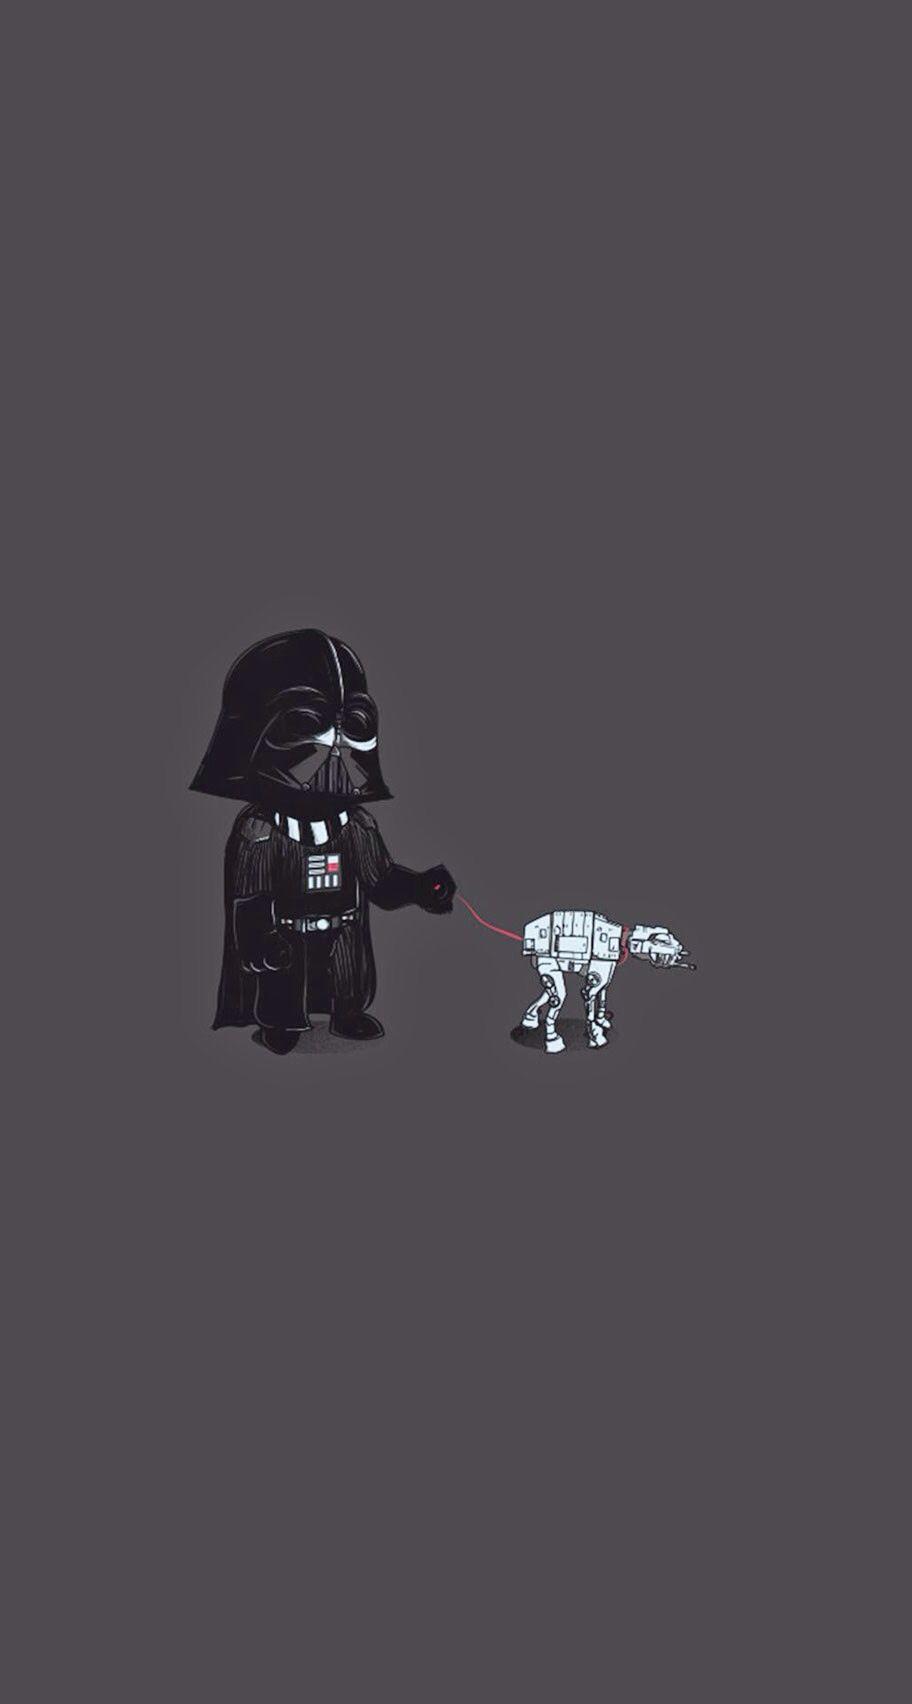 Star Wars Fondos De Pantalla Pinte